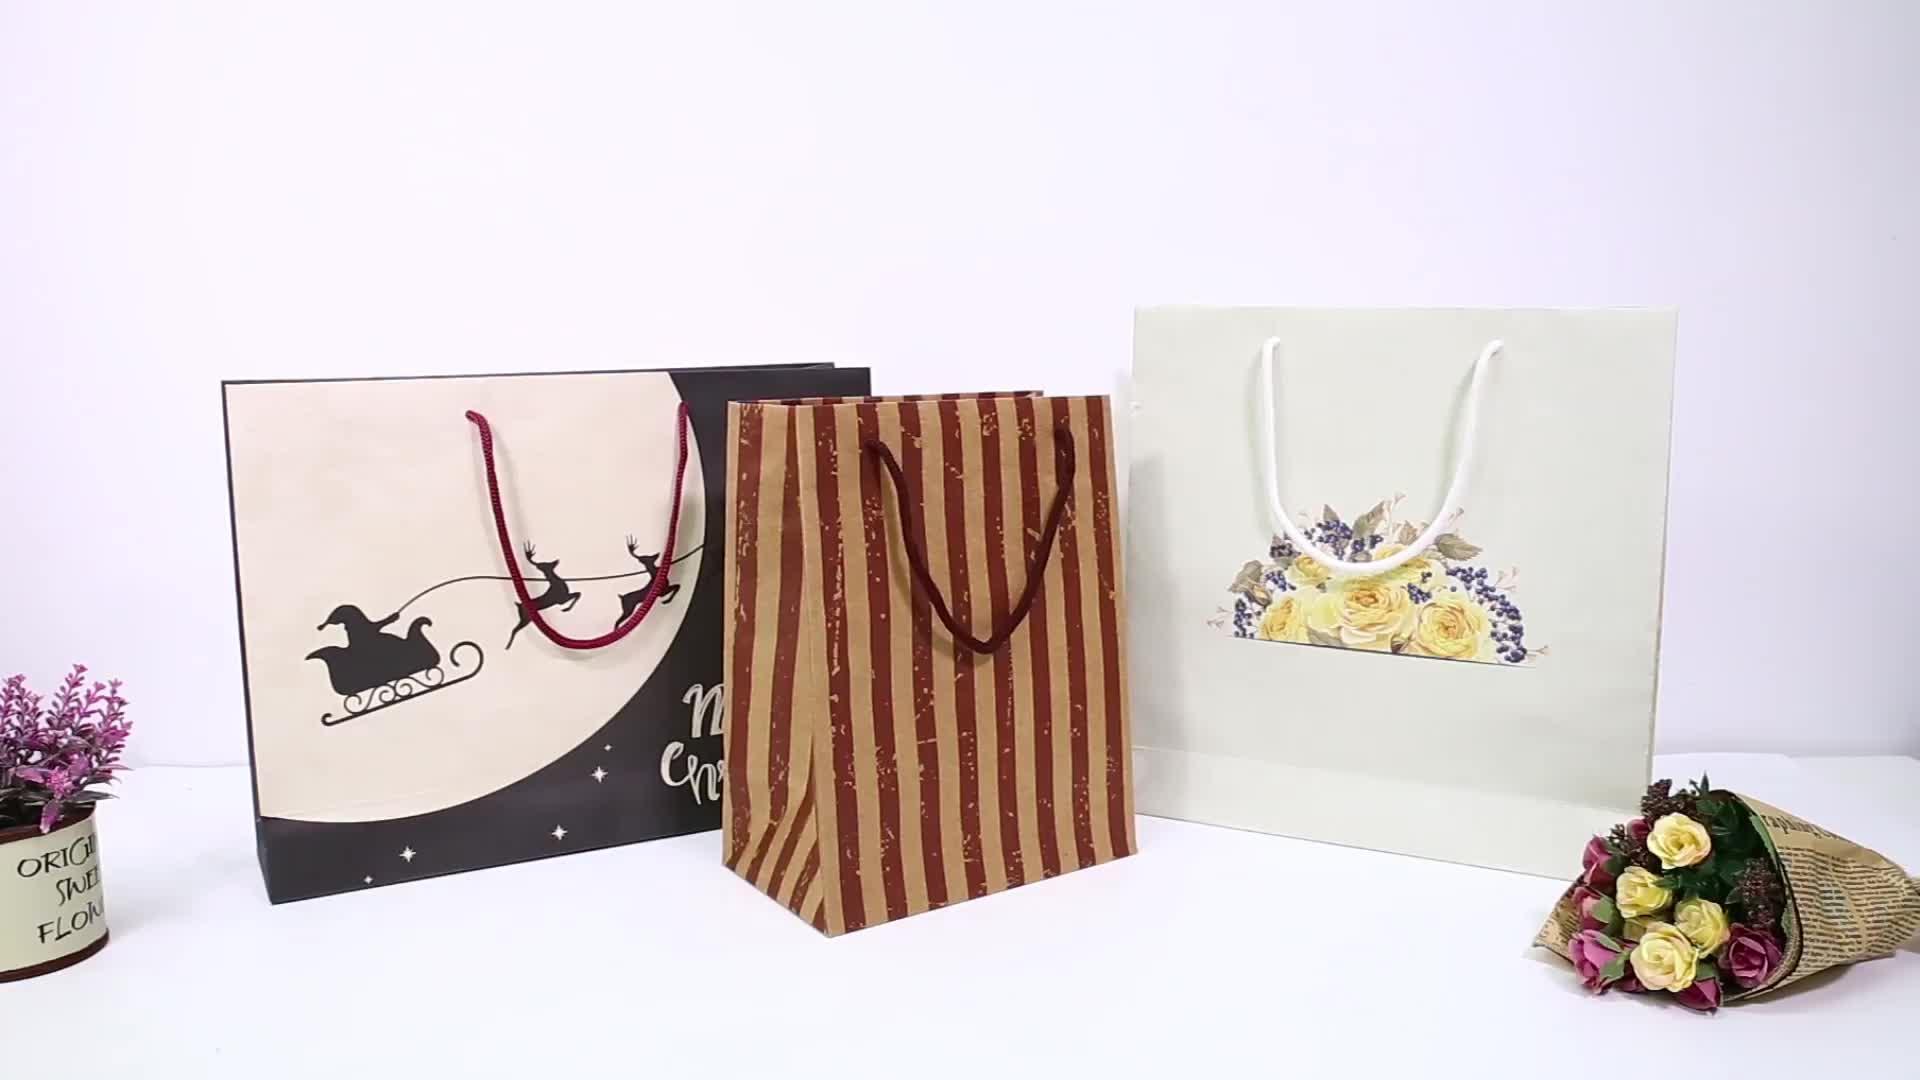 عالية الجودة مخصص ملابس مطبوعة ورقة حقيبة ، تغليف المجوهرات هدية ورقة حقائب تسوق ورقية ، مخصص شعار